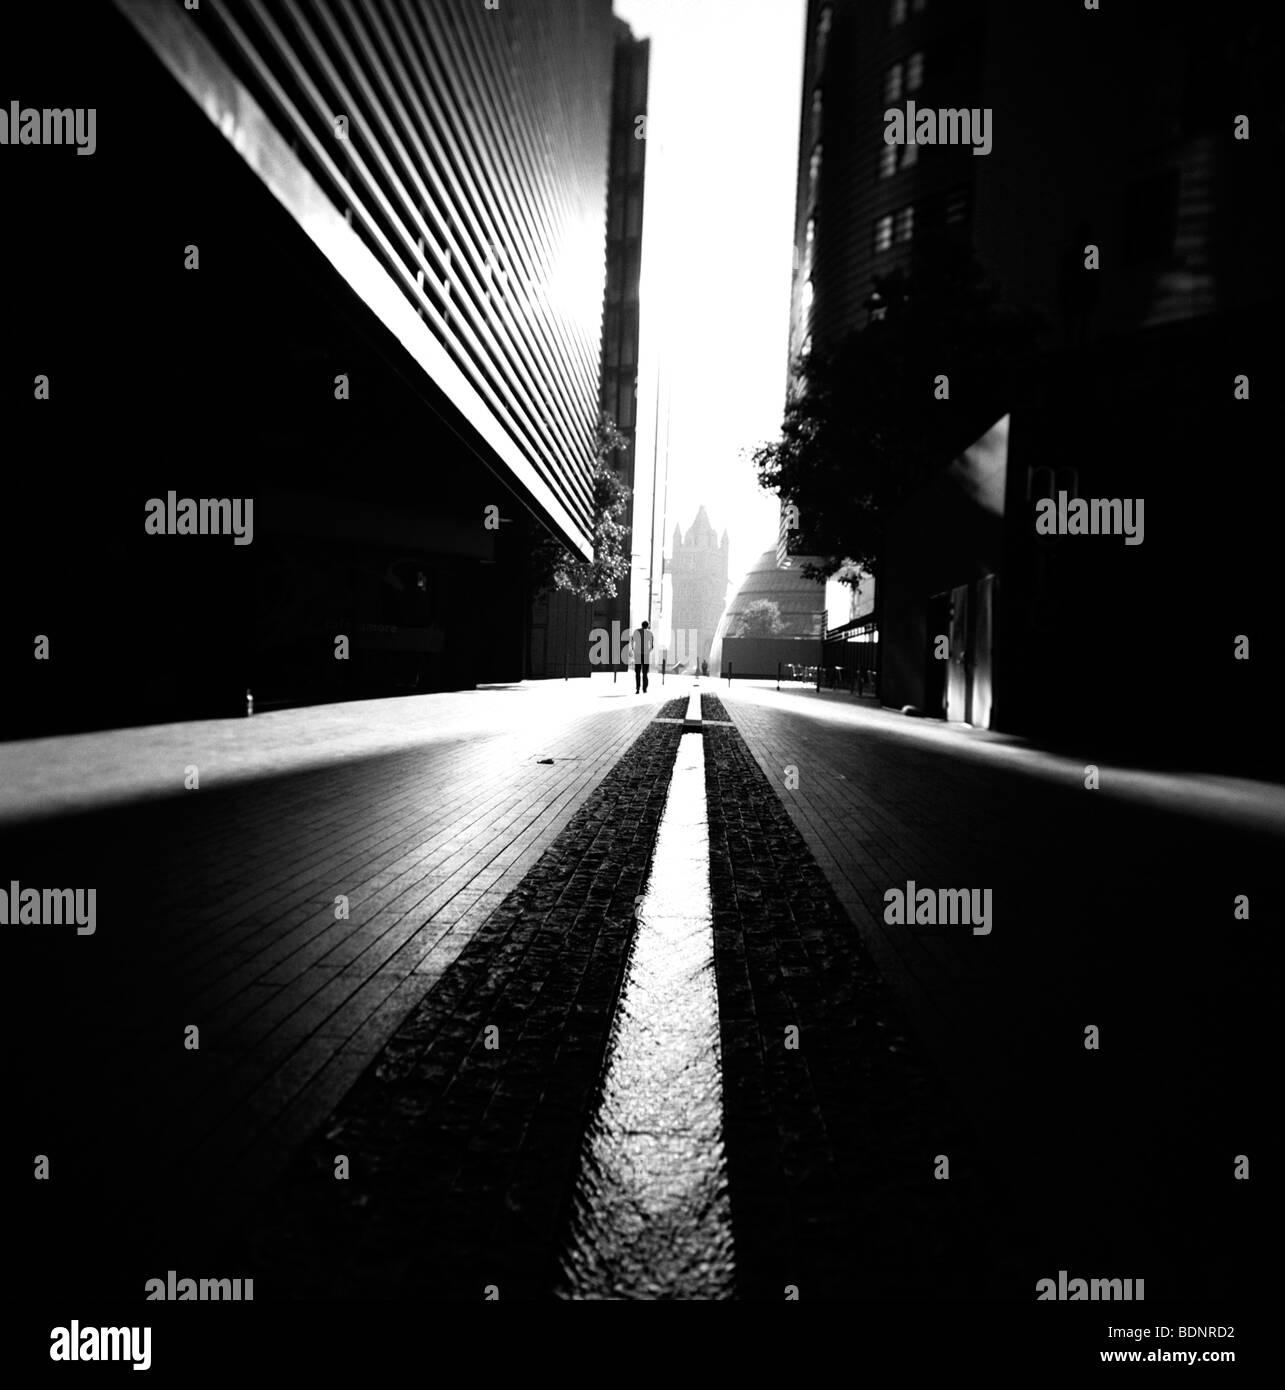 Lone figura caminando por la calle oscura con altos edificios de Londres, Inglaterra Imagen De Stock